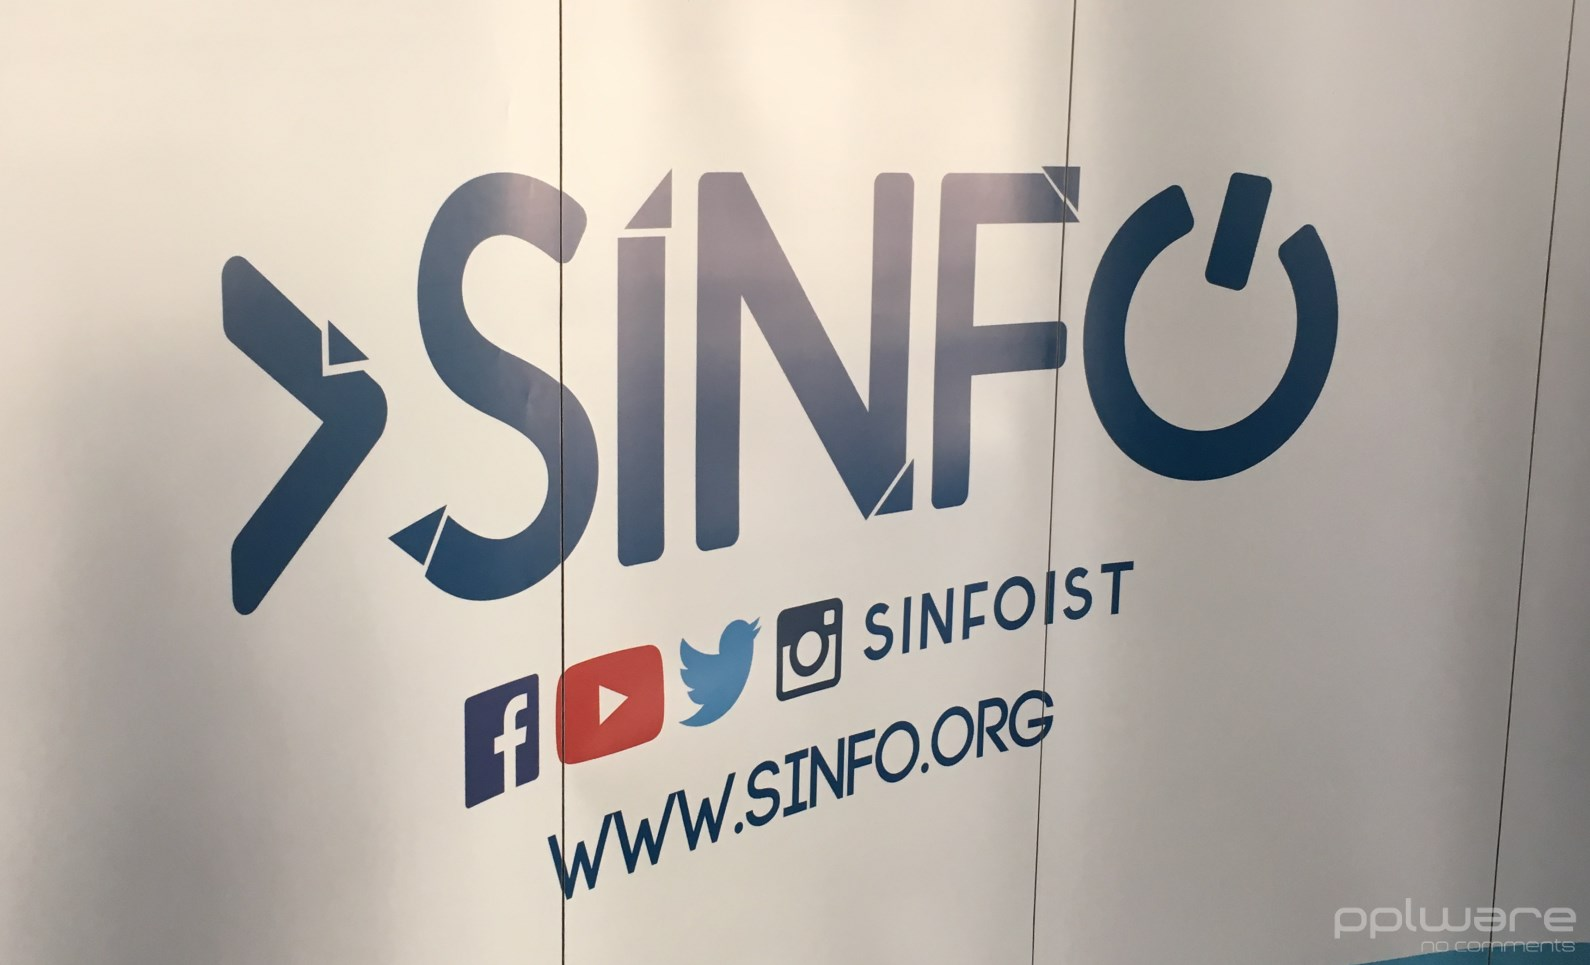 SINFO 24 – Tecnologia, emprego e convidados de luxo no IST